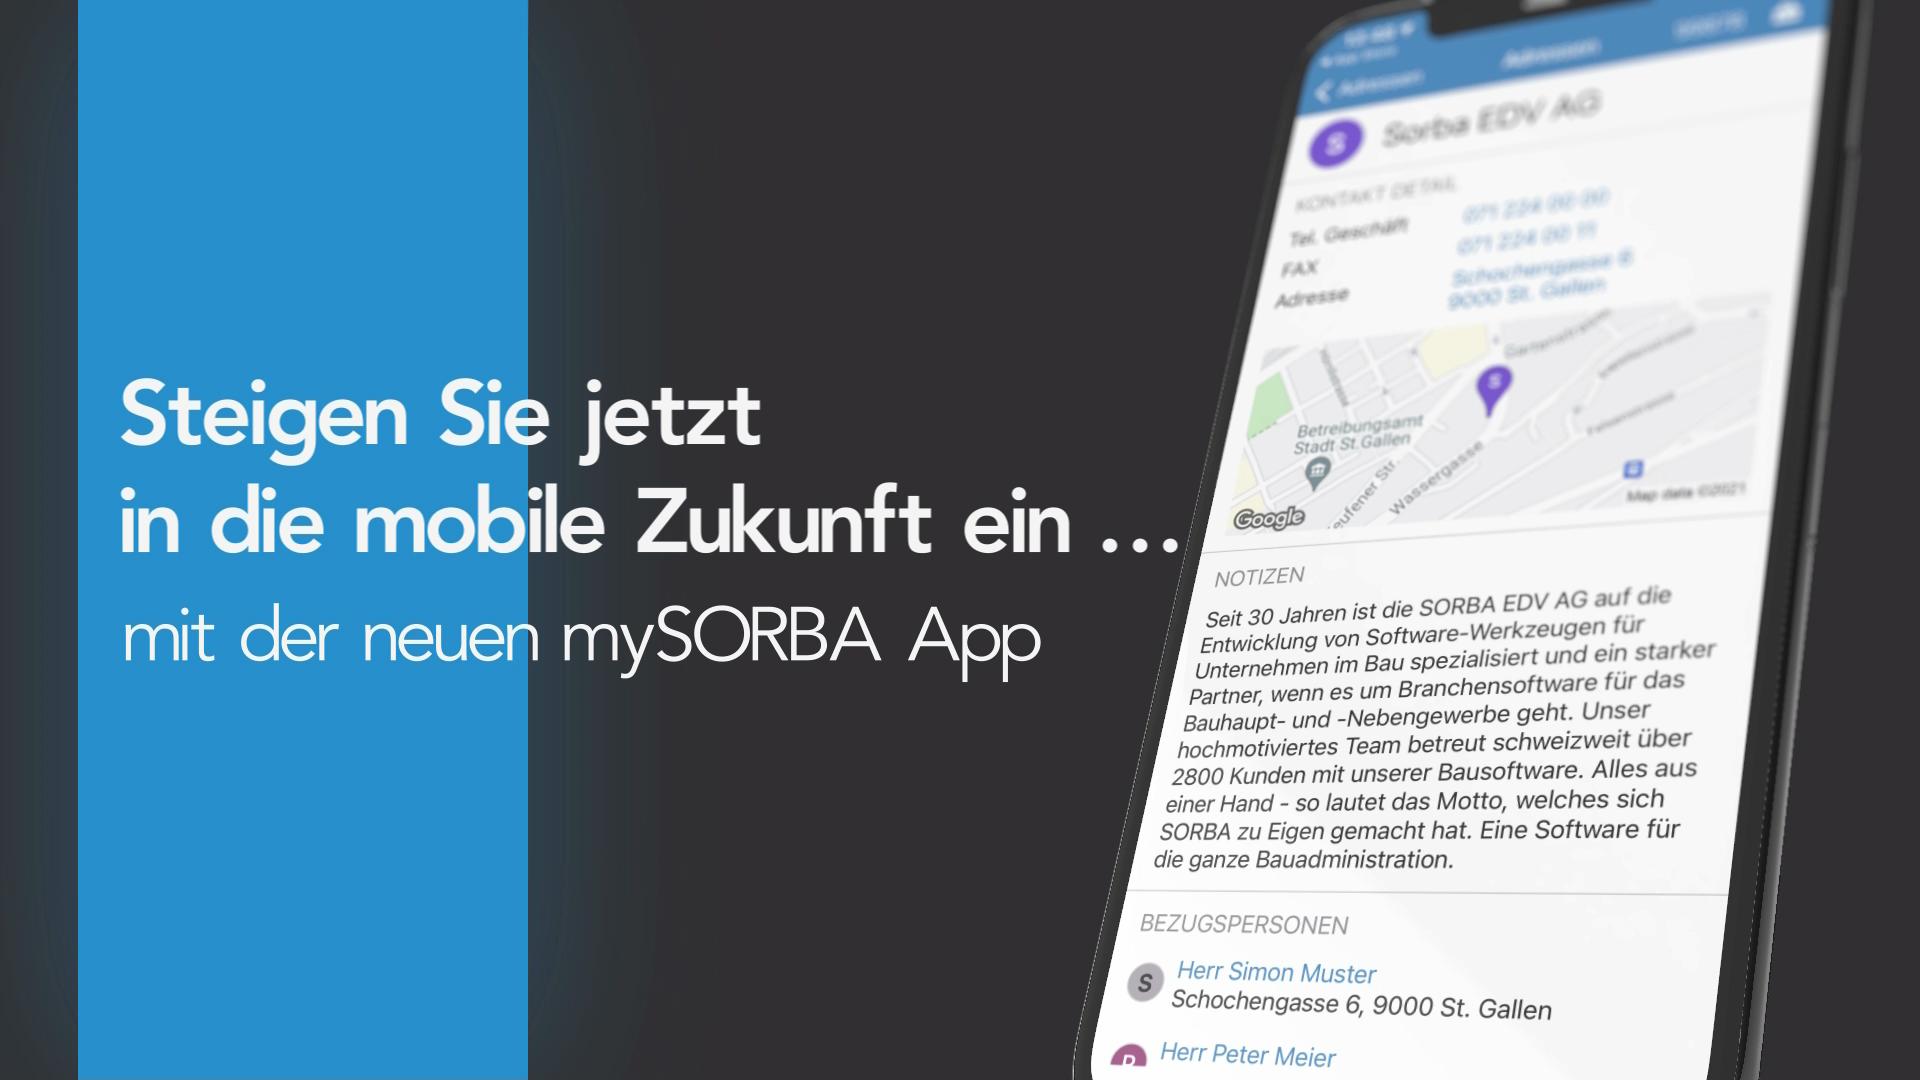 mySORBA App Teaservideo Thumbnail